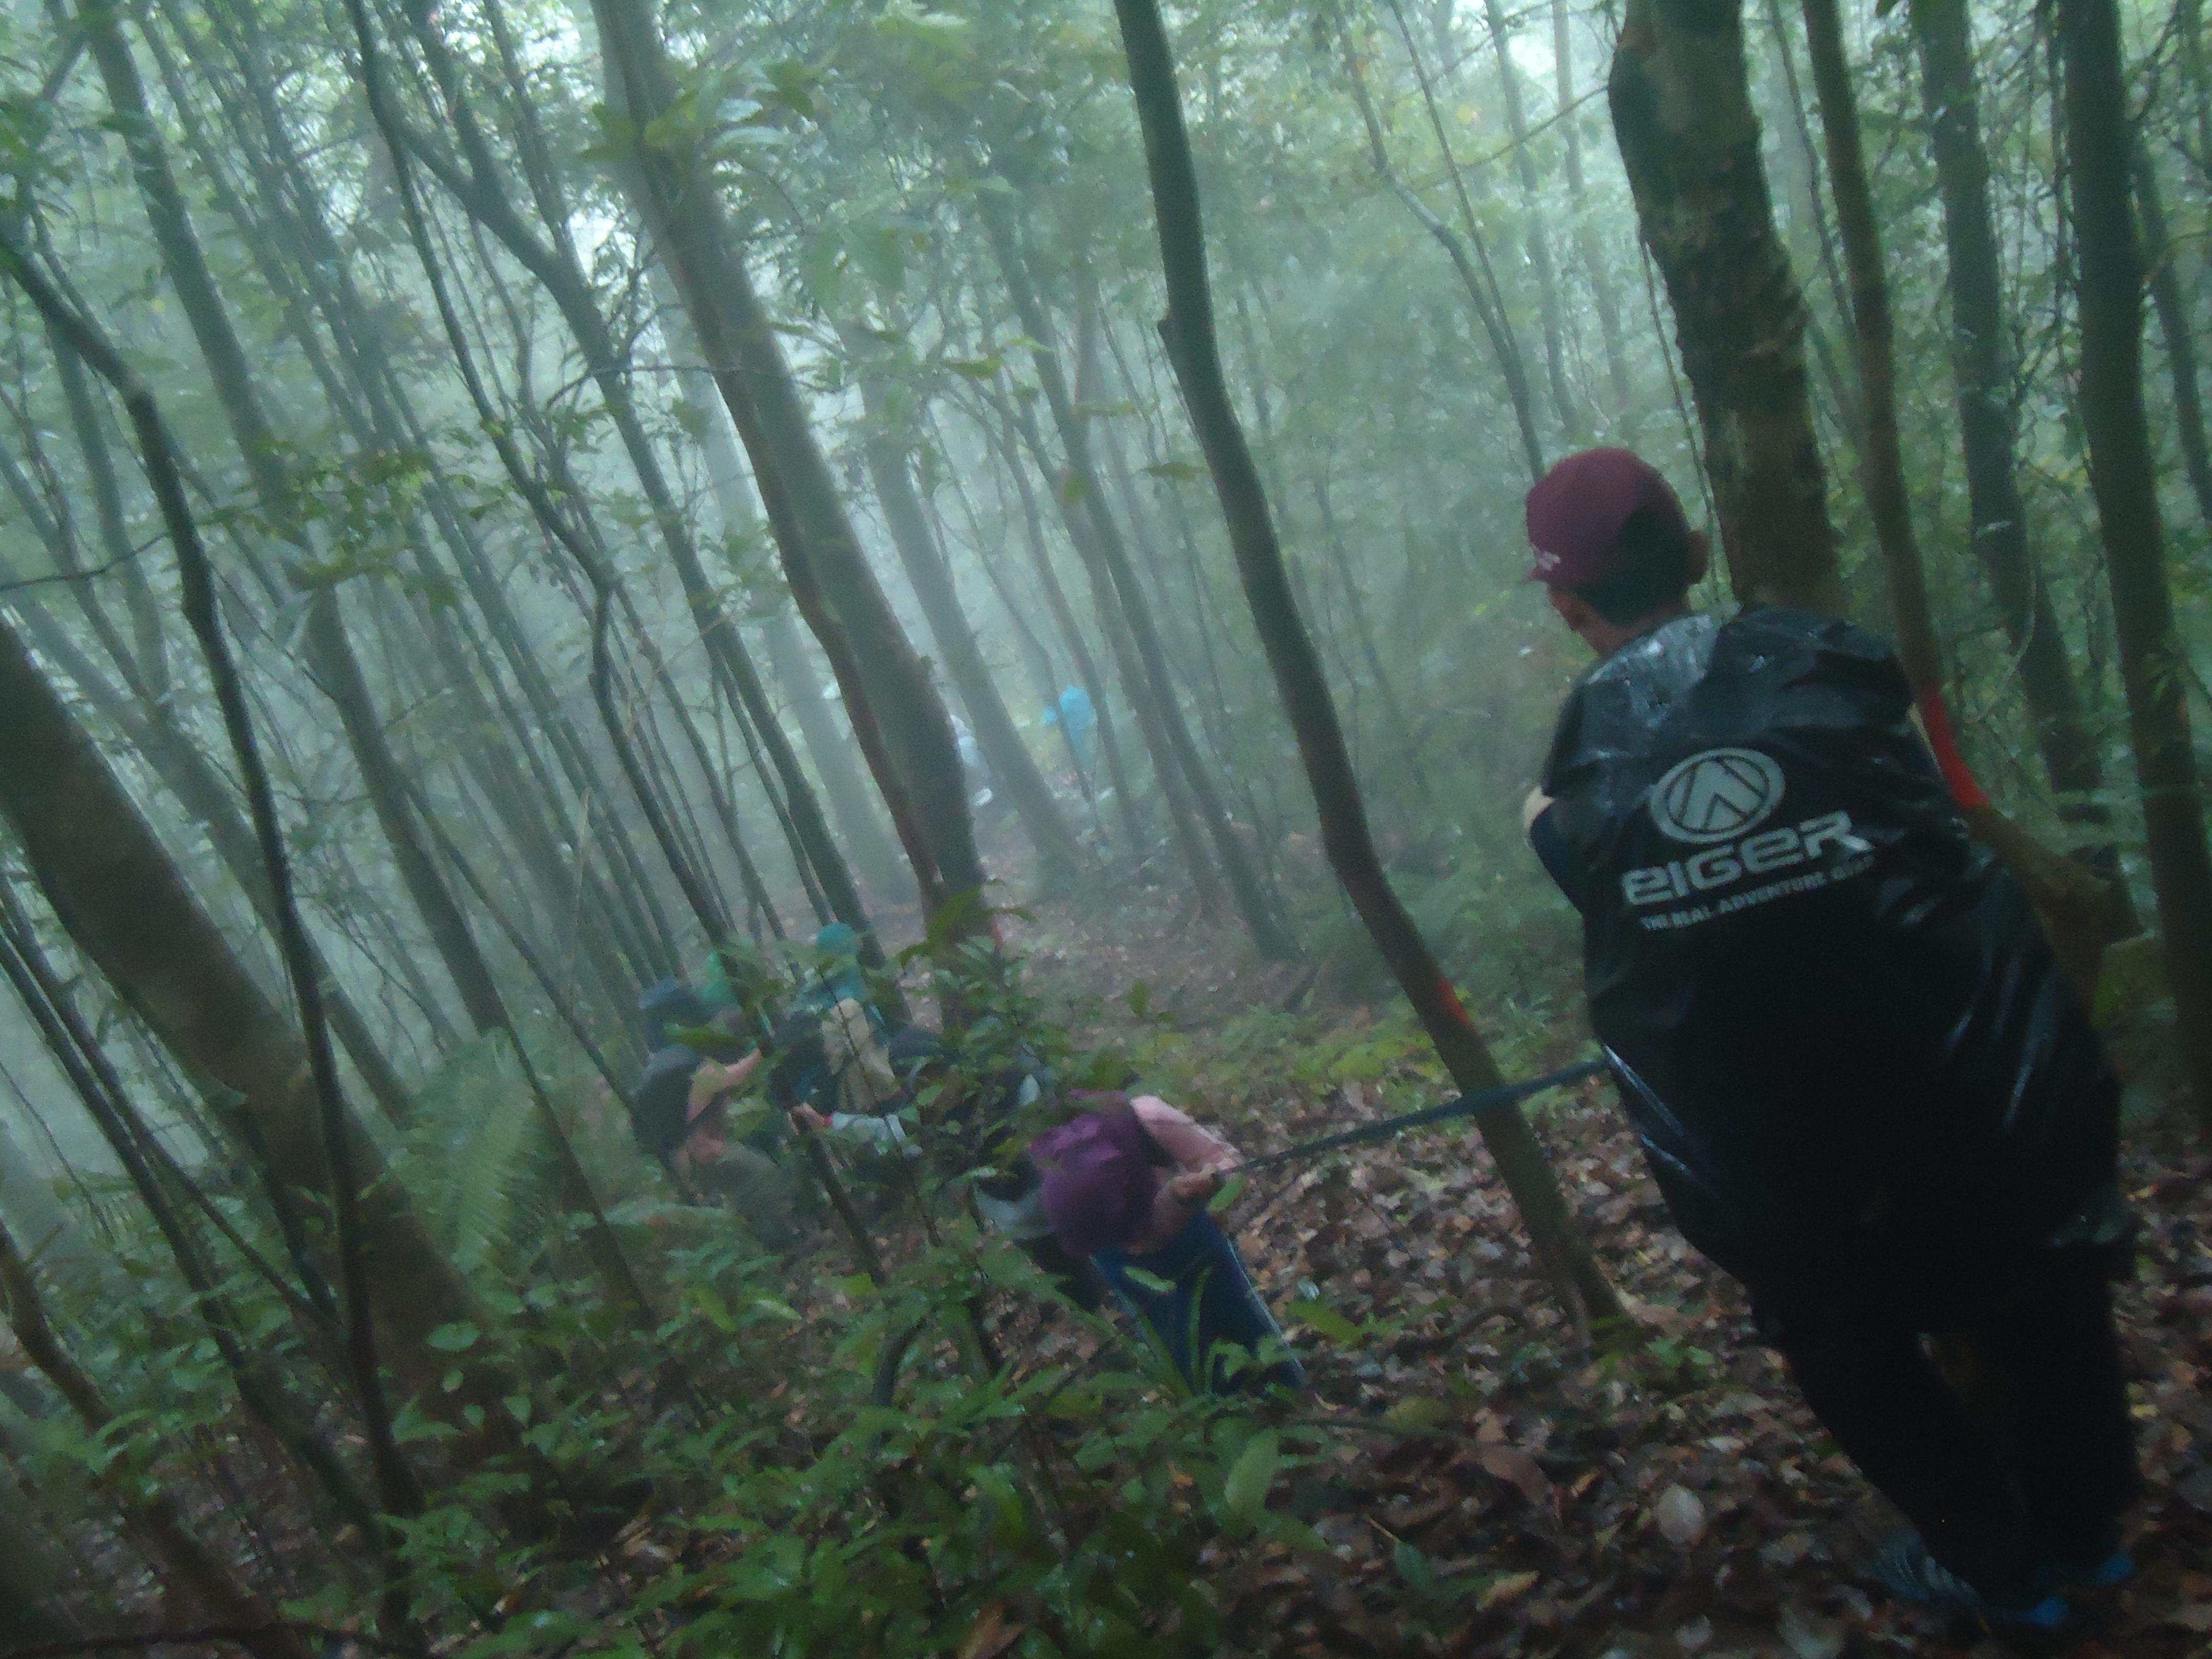 Kelompok kami menyusuri hutan Tanjung Datu sepanjang garis batas untuk menyapa keragaman hayatinya. (c) Iftitah Sari/ Tim KKN UGM KTB-01 2014